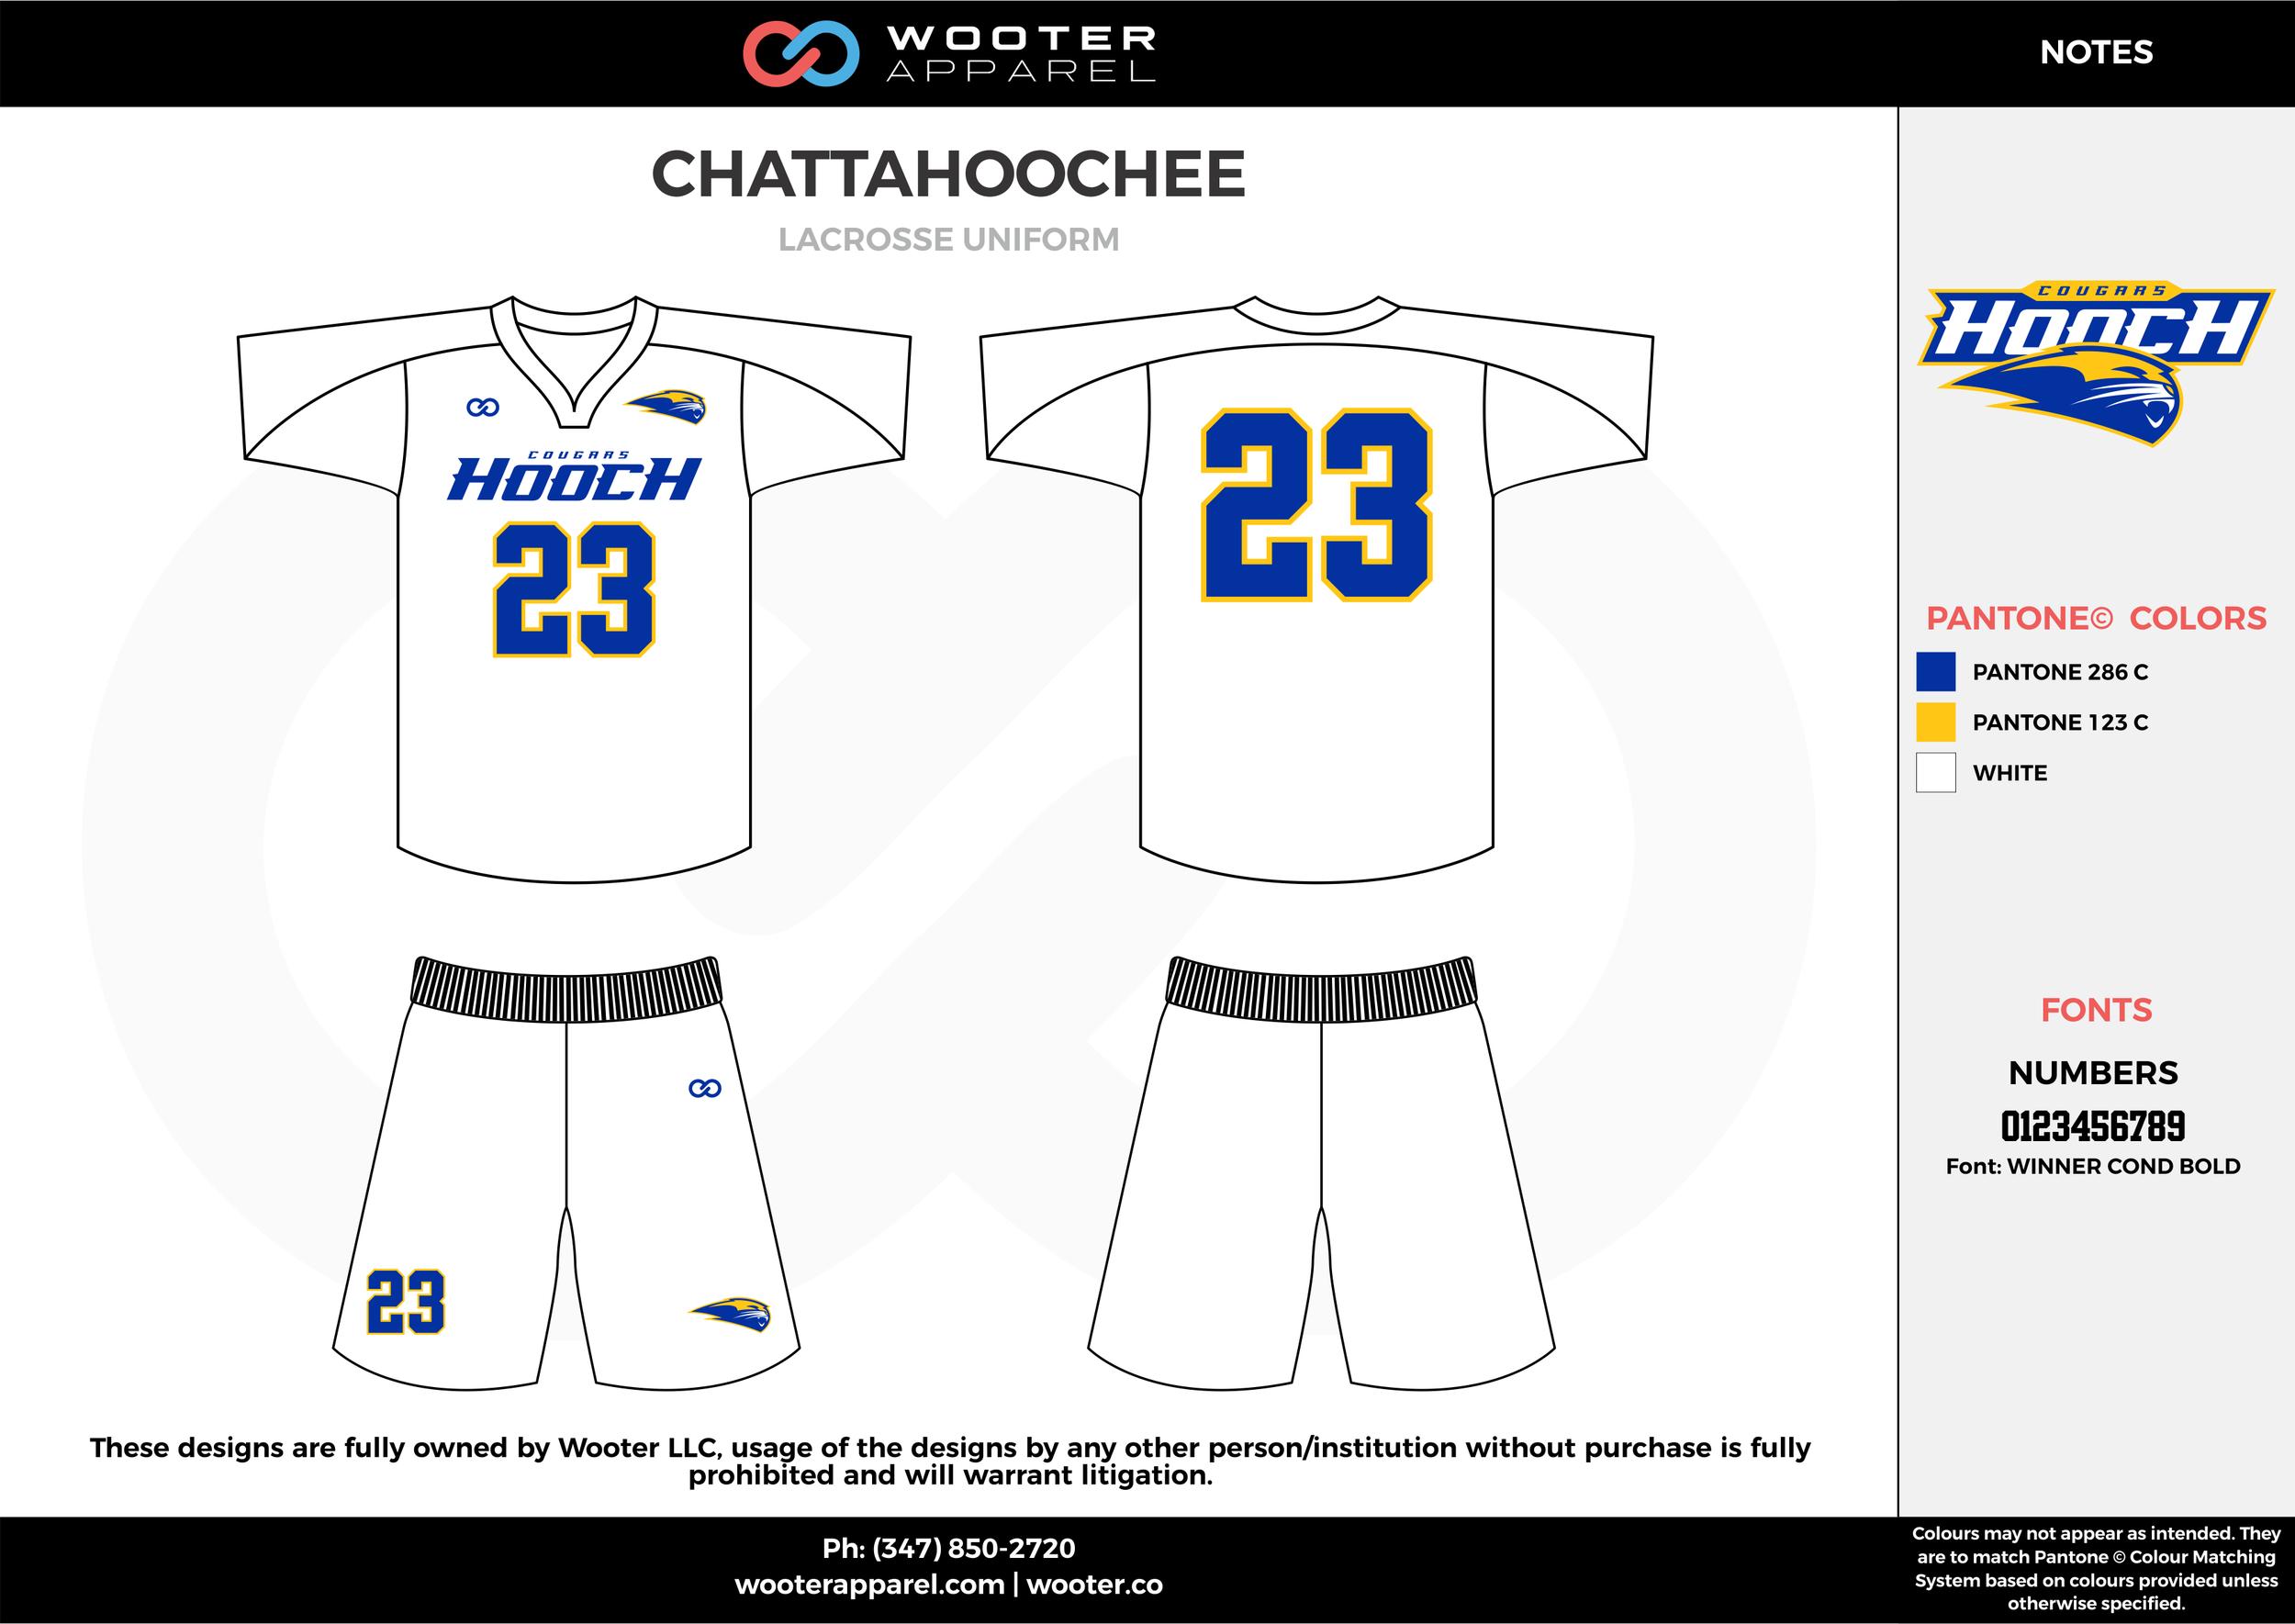 CHATTAHOOCHEE white blue yellow Lacrosse uniforms jerseys shirts shorts